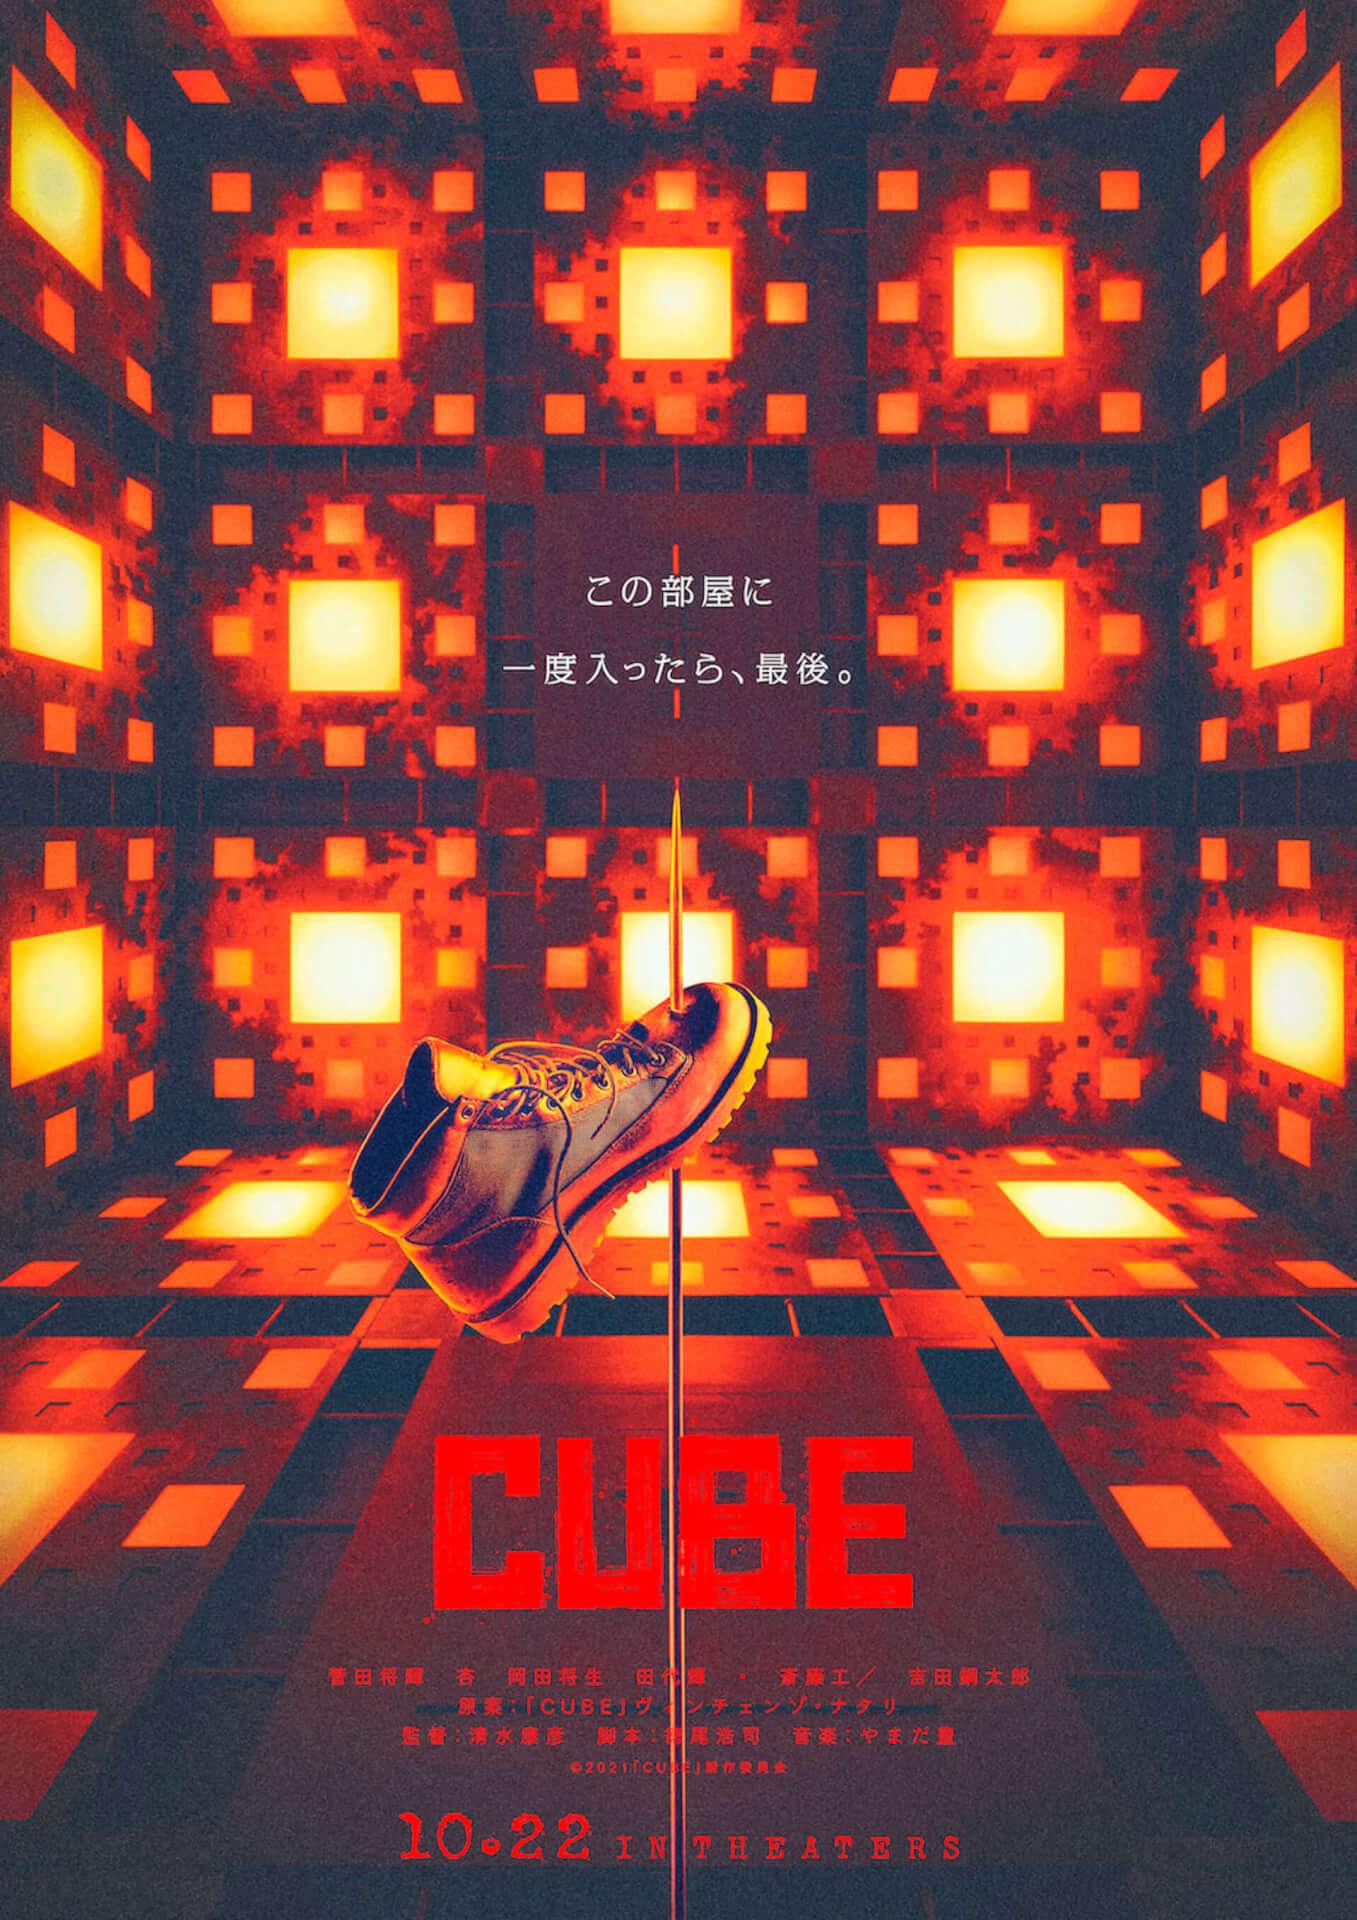 """菅田将暉主演のリメイク作『CUBE 一度入ったら、最後』の主題歌を星野源が担当!書き下ろし新曲""""Cube""""入りの最新予告編も解禁 film210915_cube_hoshinogen_2"""